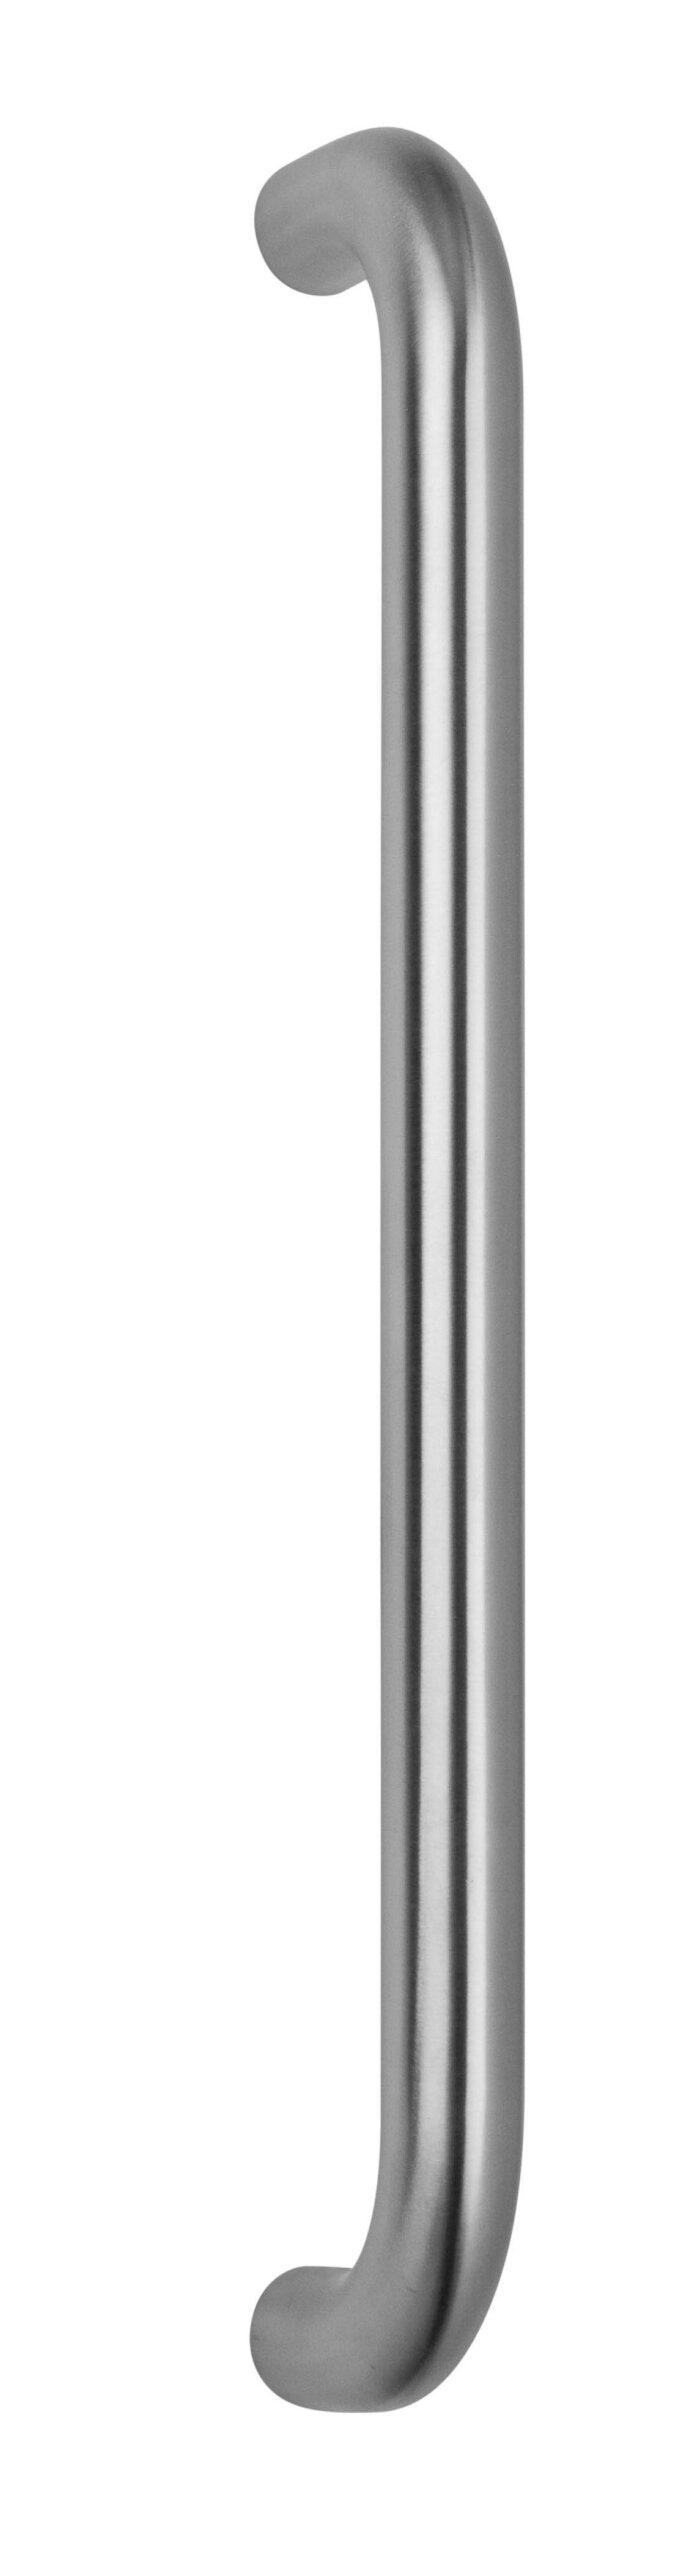 PH001B